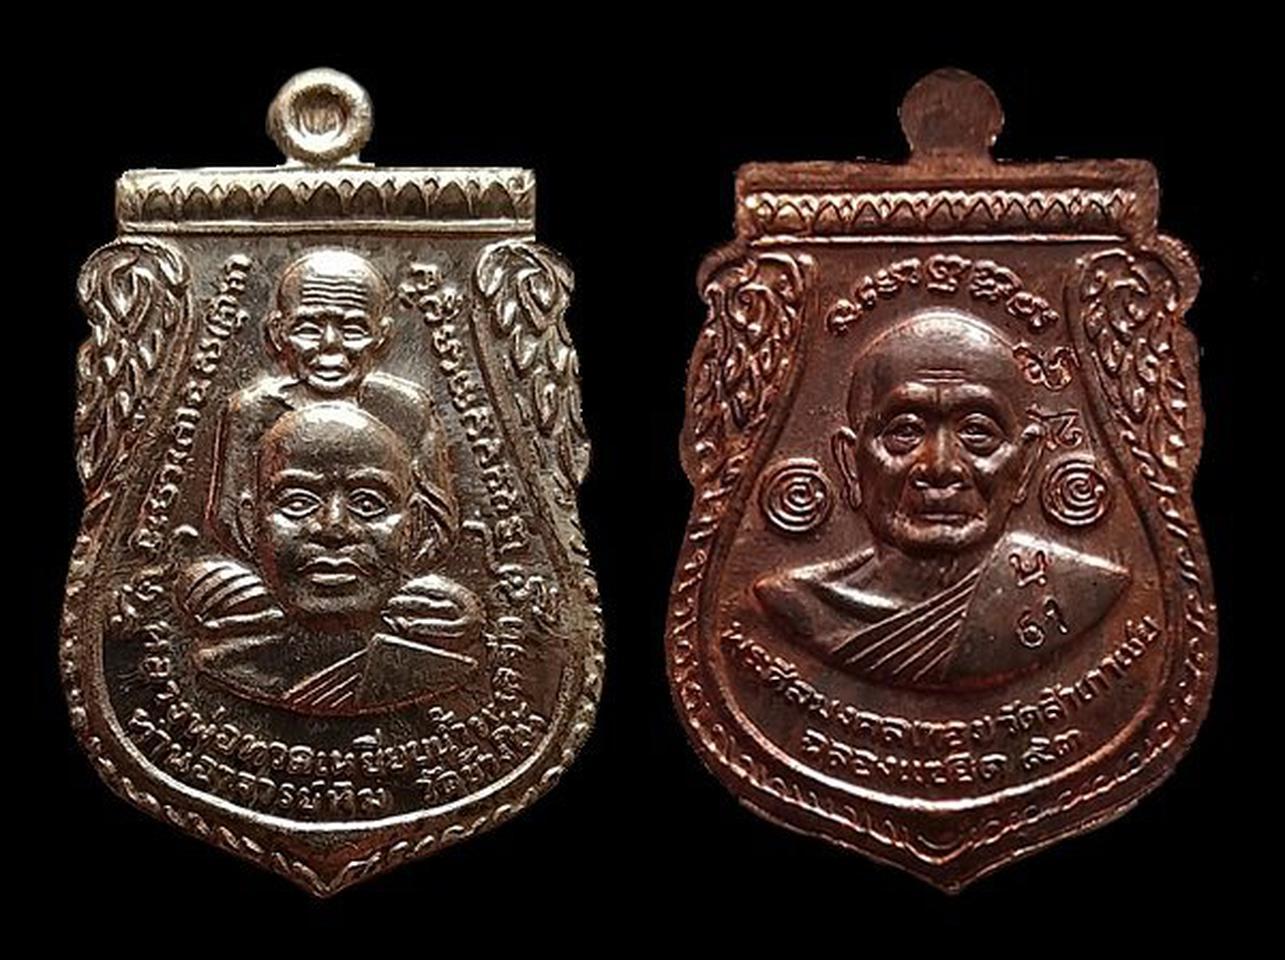 เหรียญเสมาพุทธซ้อนพิมพ์เล็ก หลวงพ่อทวด -หลวงพ่อทอง–พระธาตุเจดีย์ รุ่น แซยิด 93 (เนื้อเงินหลังนวะ) รูปที่ 6